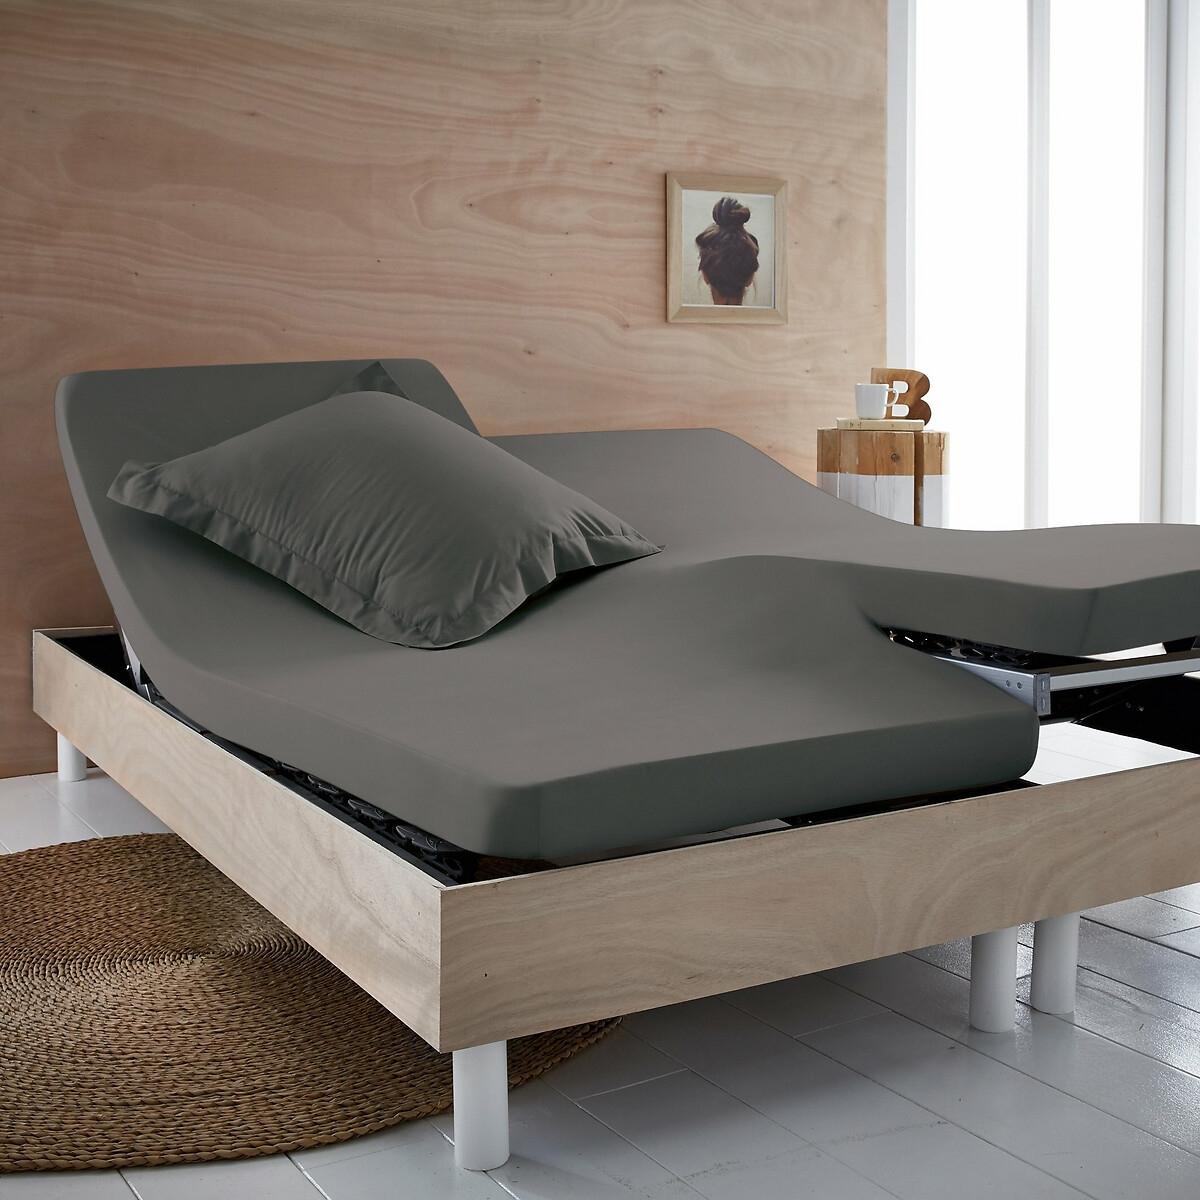 Простыня LaRedoute Натяжная однотонная из биохлопка для раскладной кровати Scenario 160 x 200 см серый